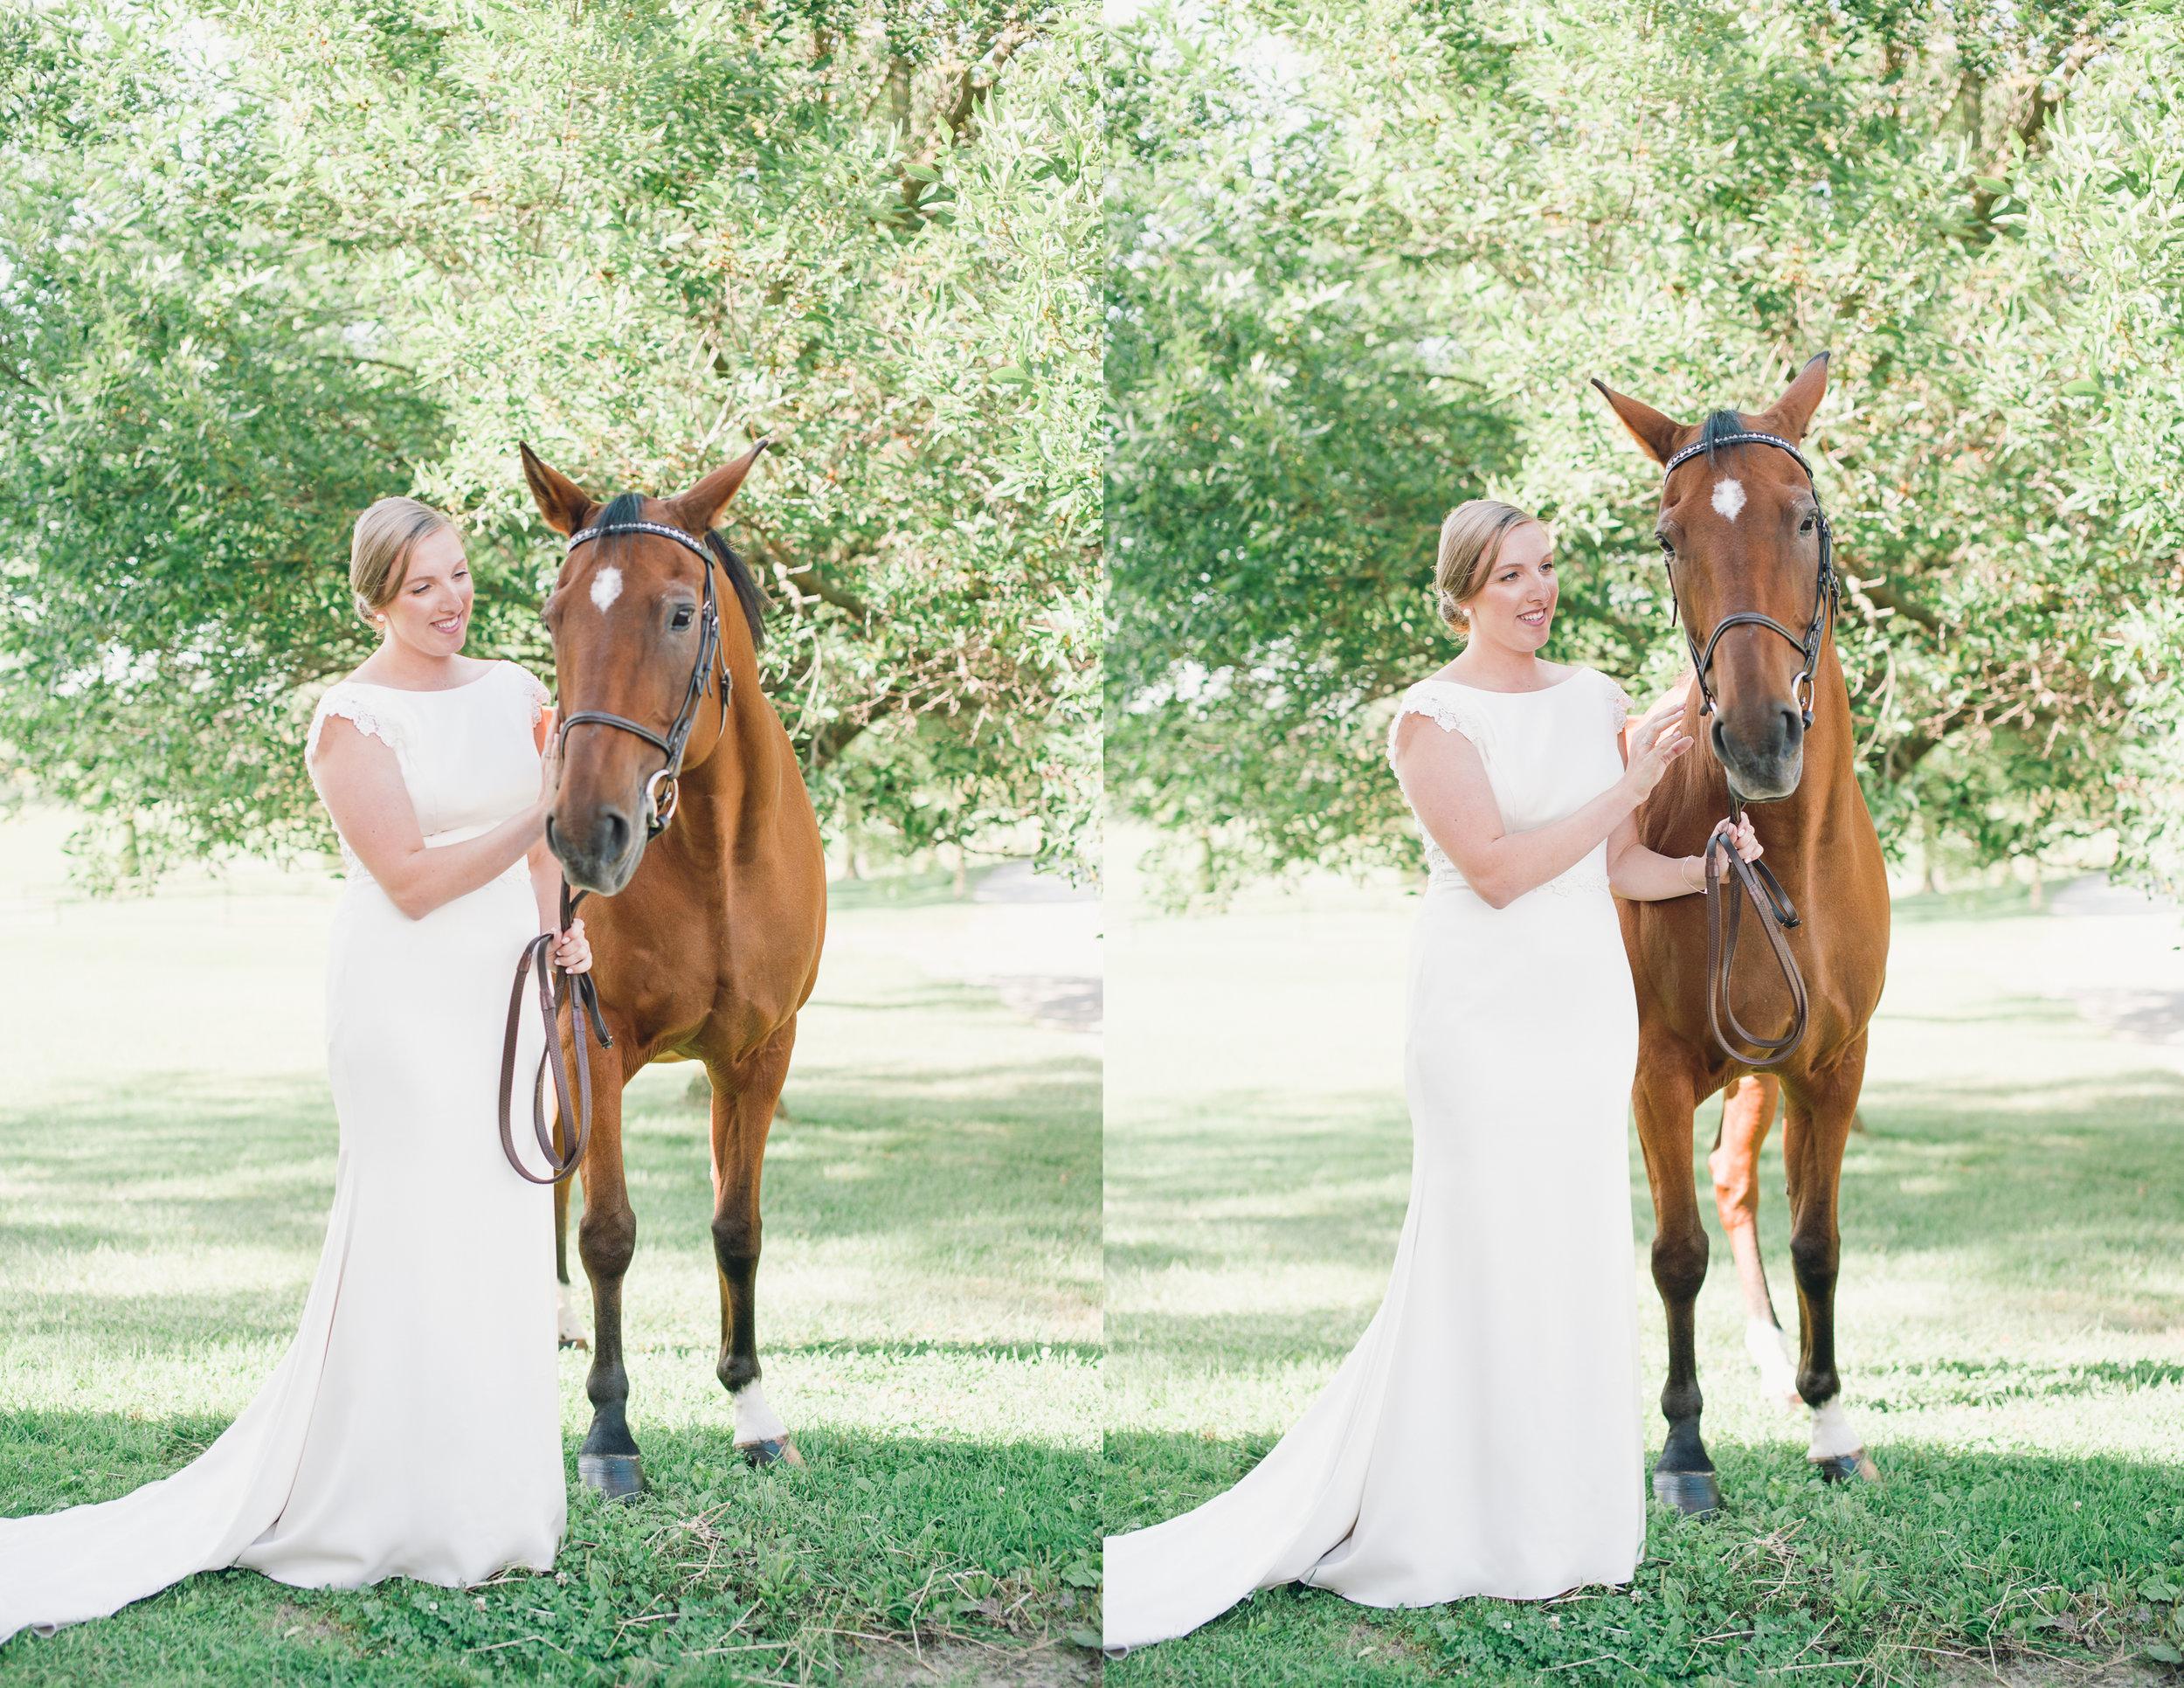 Waterstone_Estate_Equestrian Wedding2x2_12.jpg